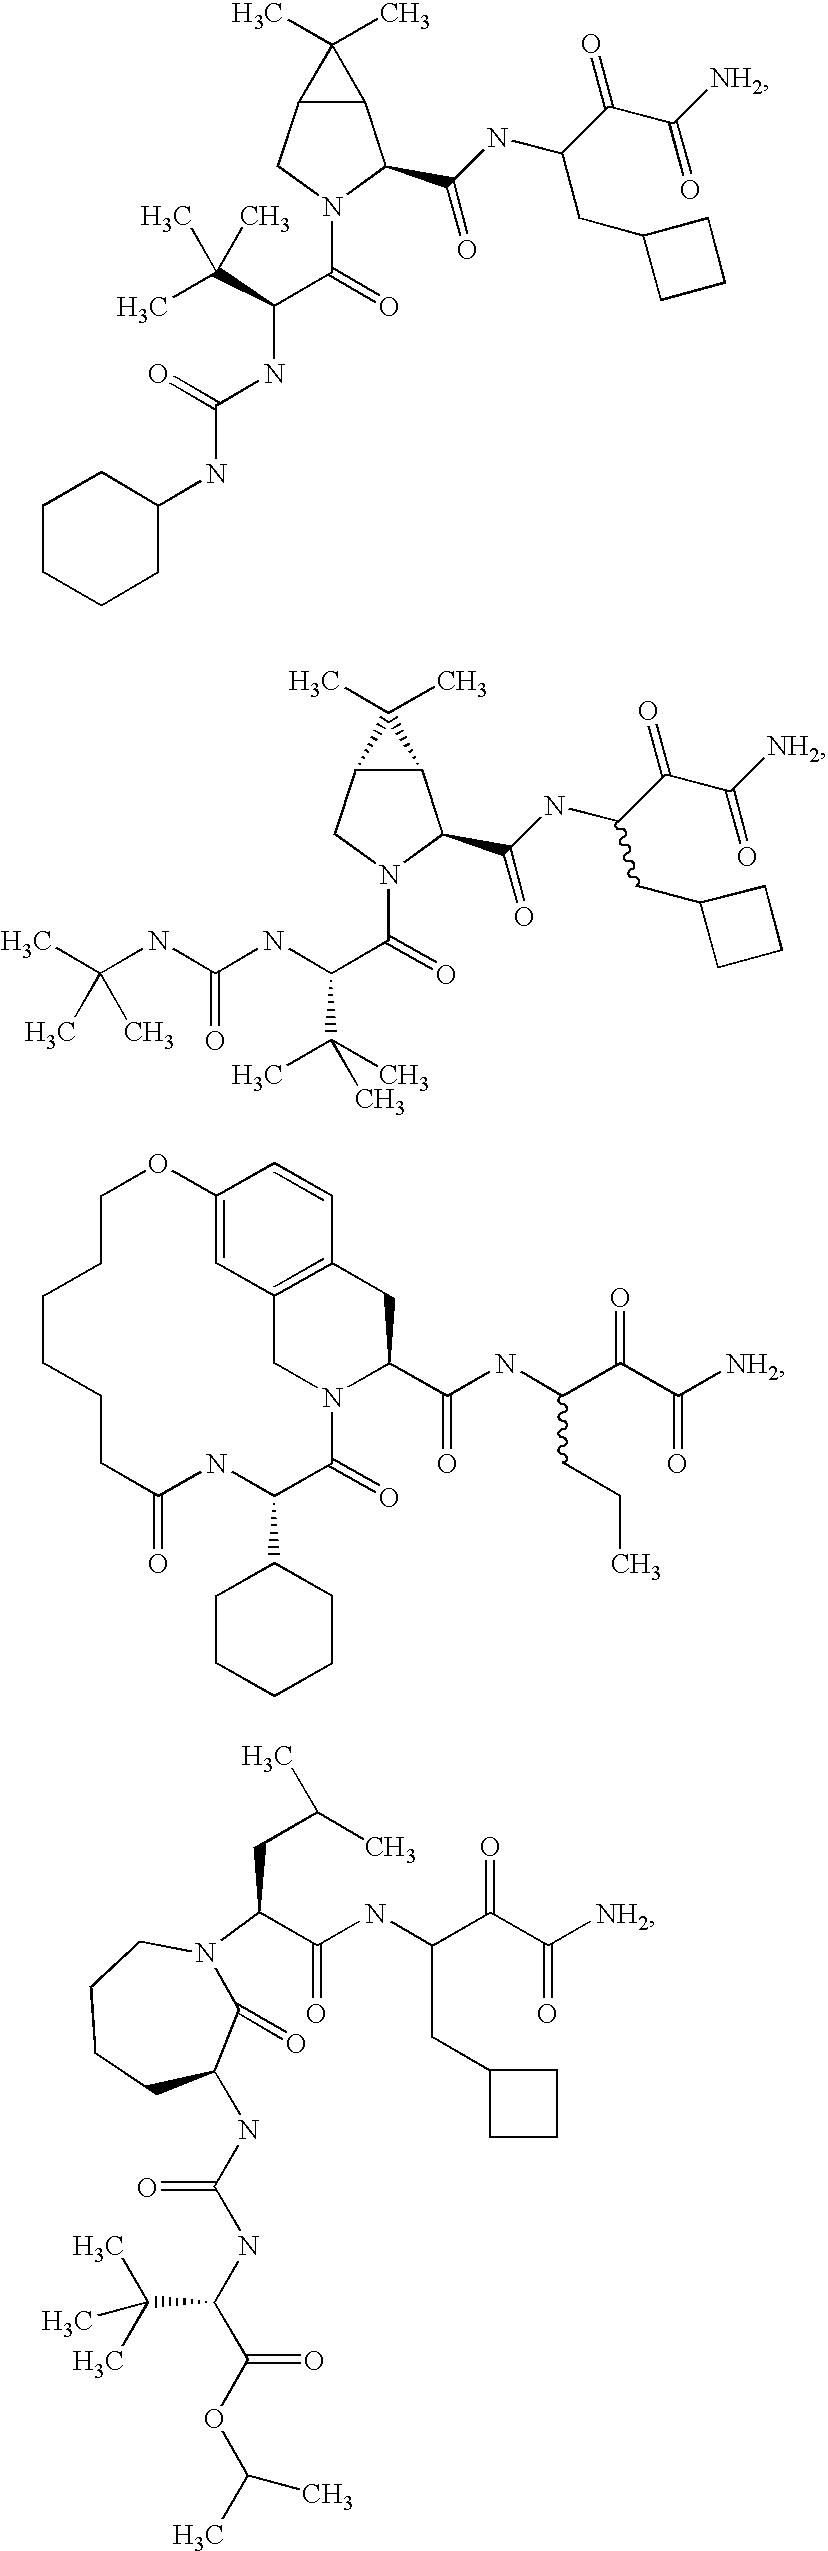 Figure US20060276404A1-20061207-C00246